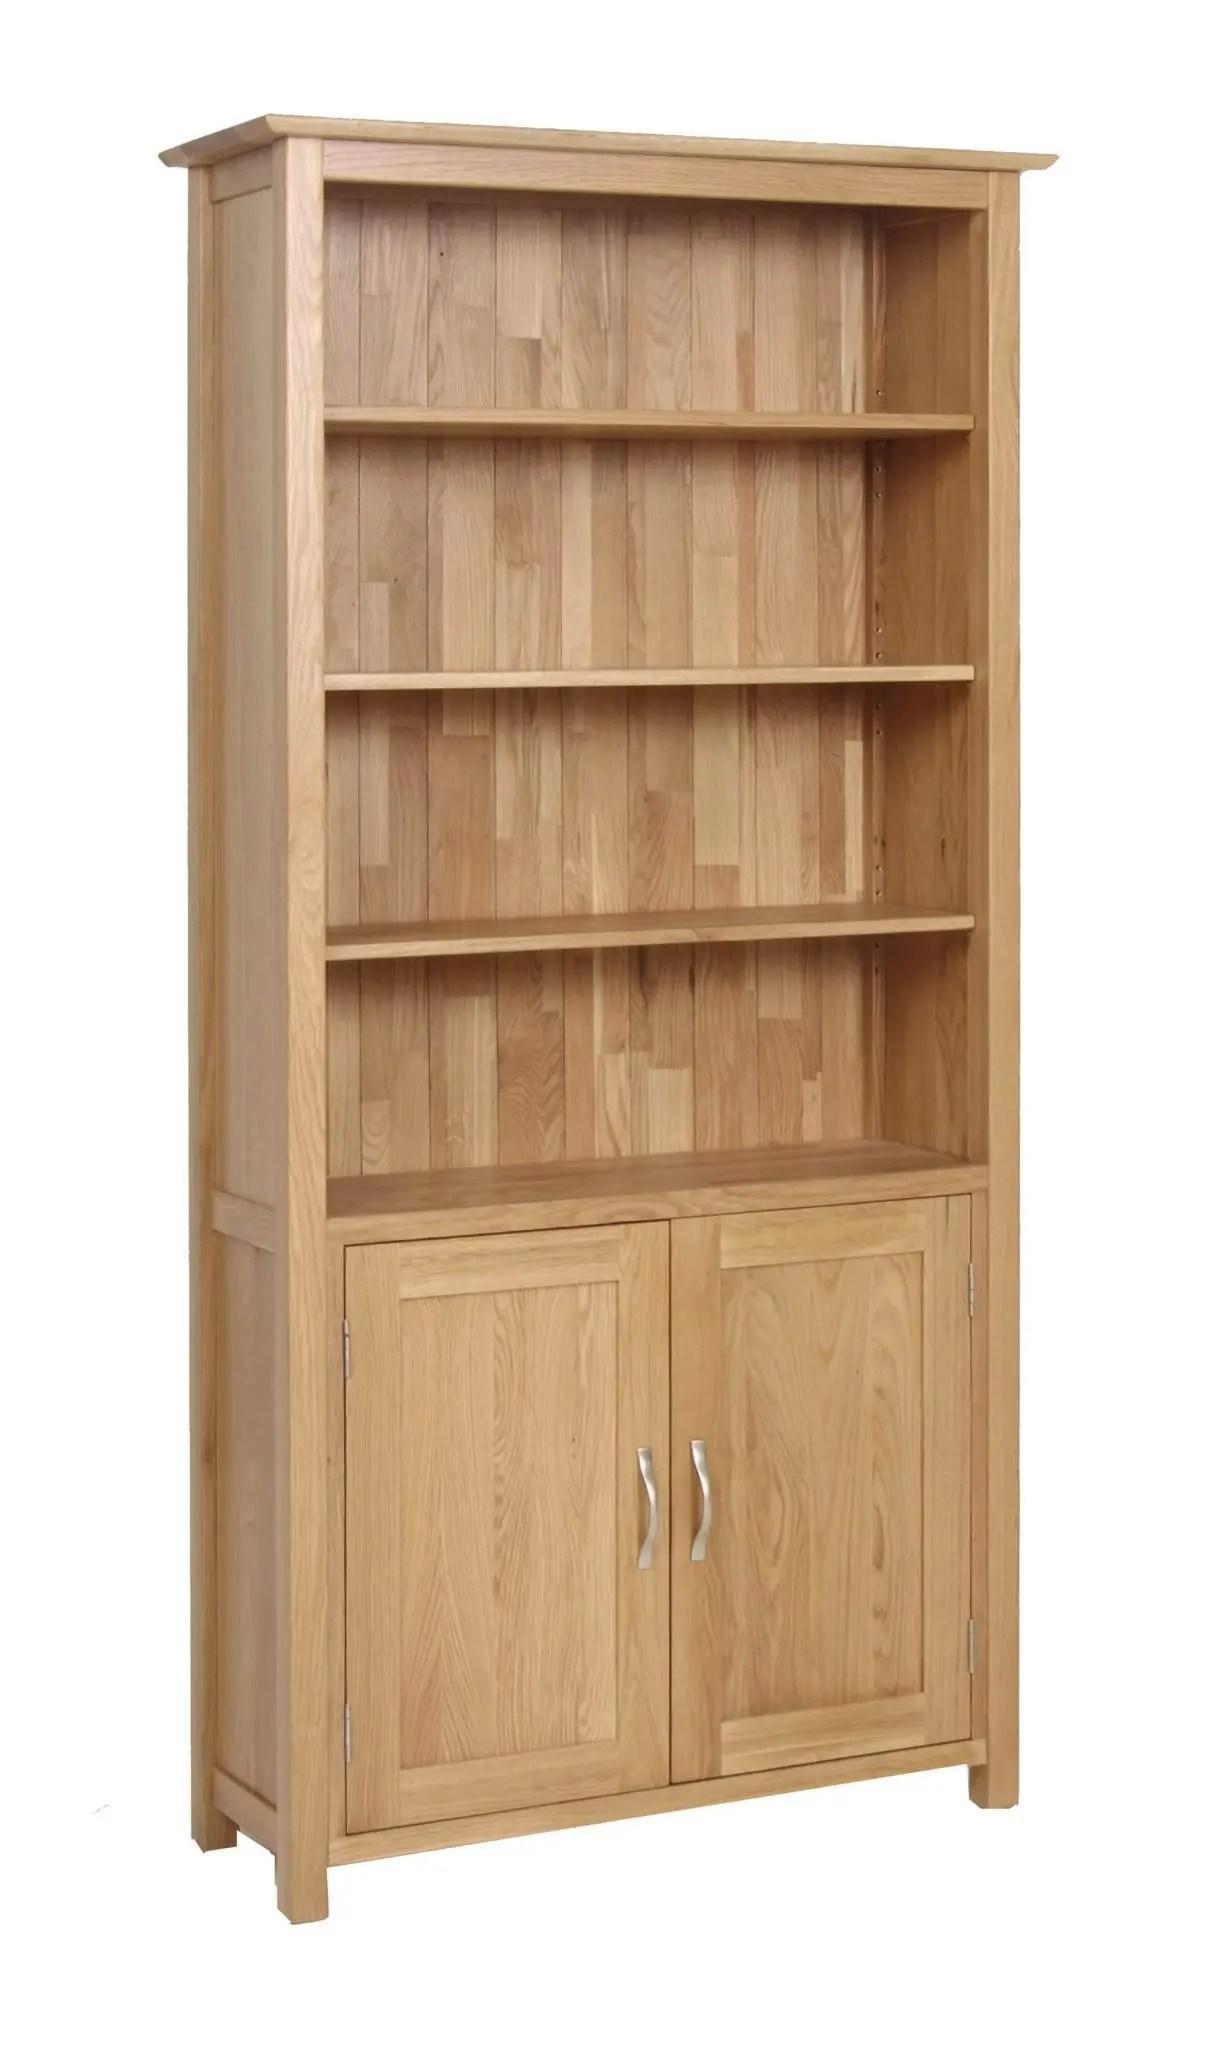 Norwich Oak Bookcase With Cupboard